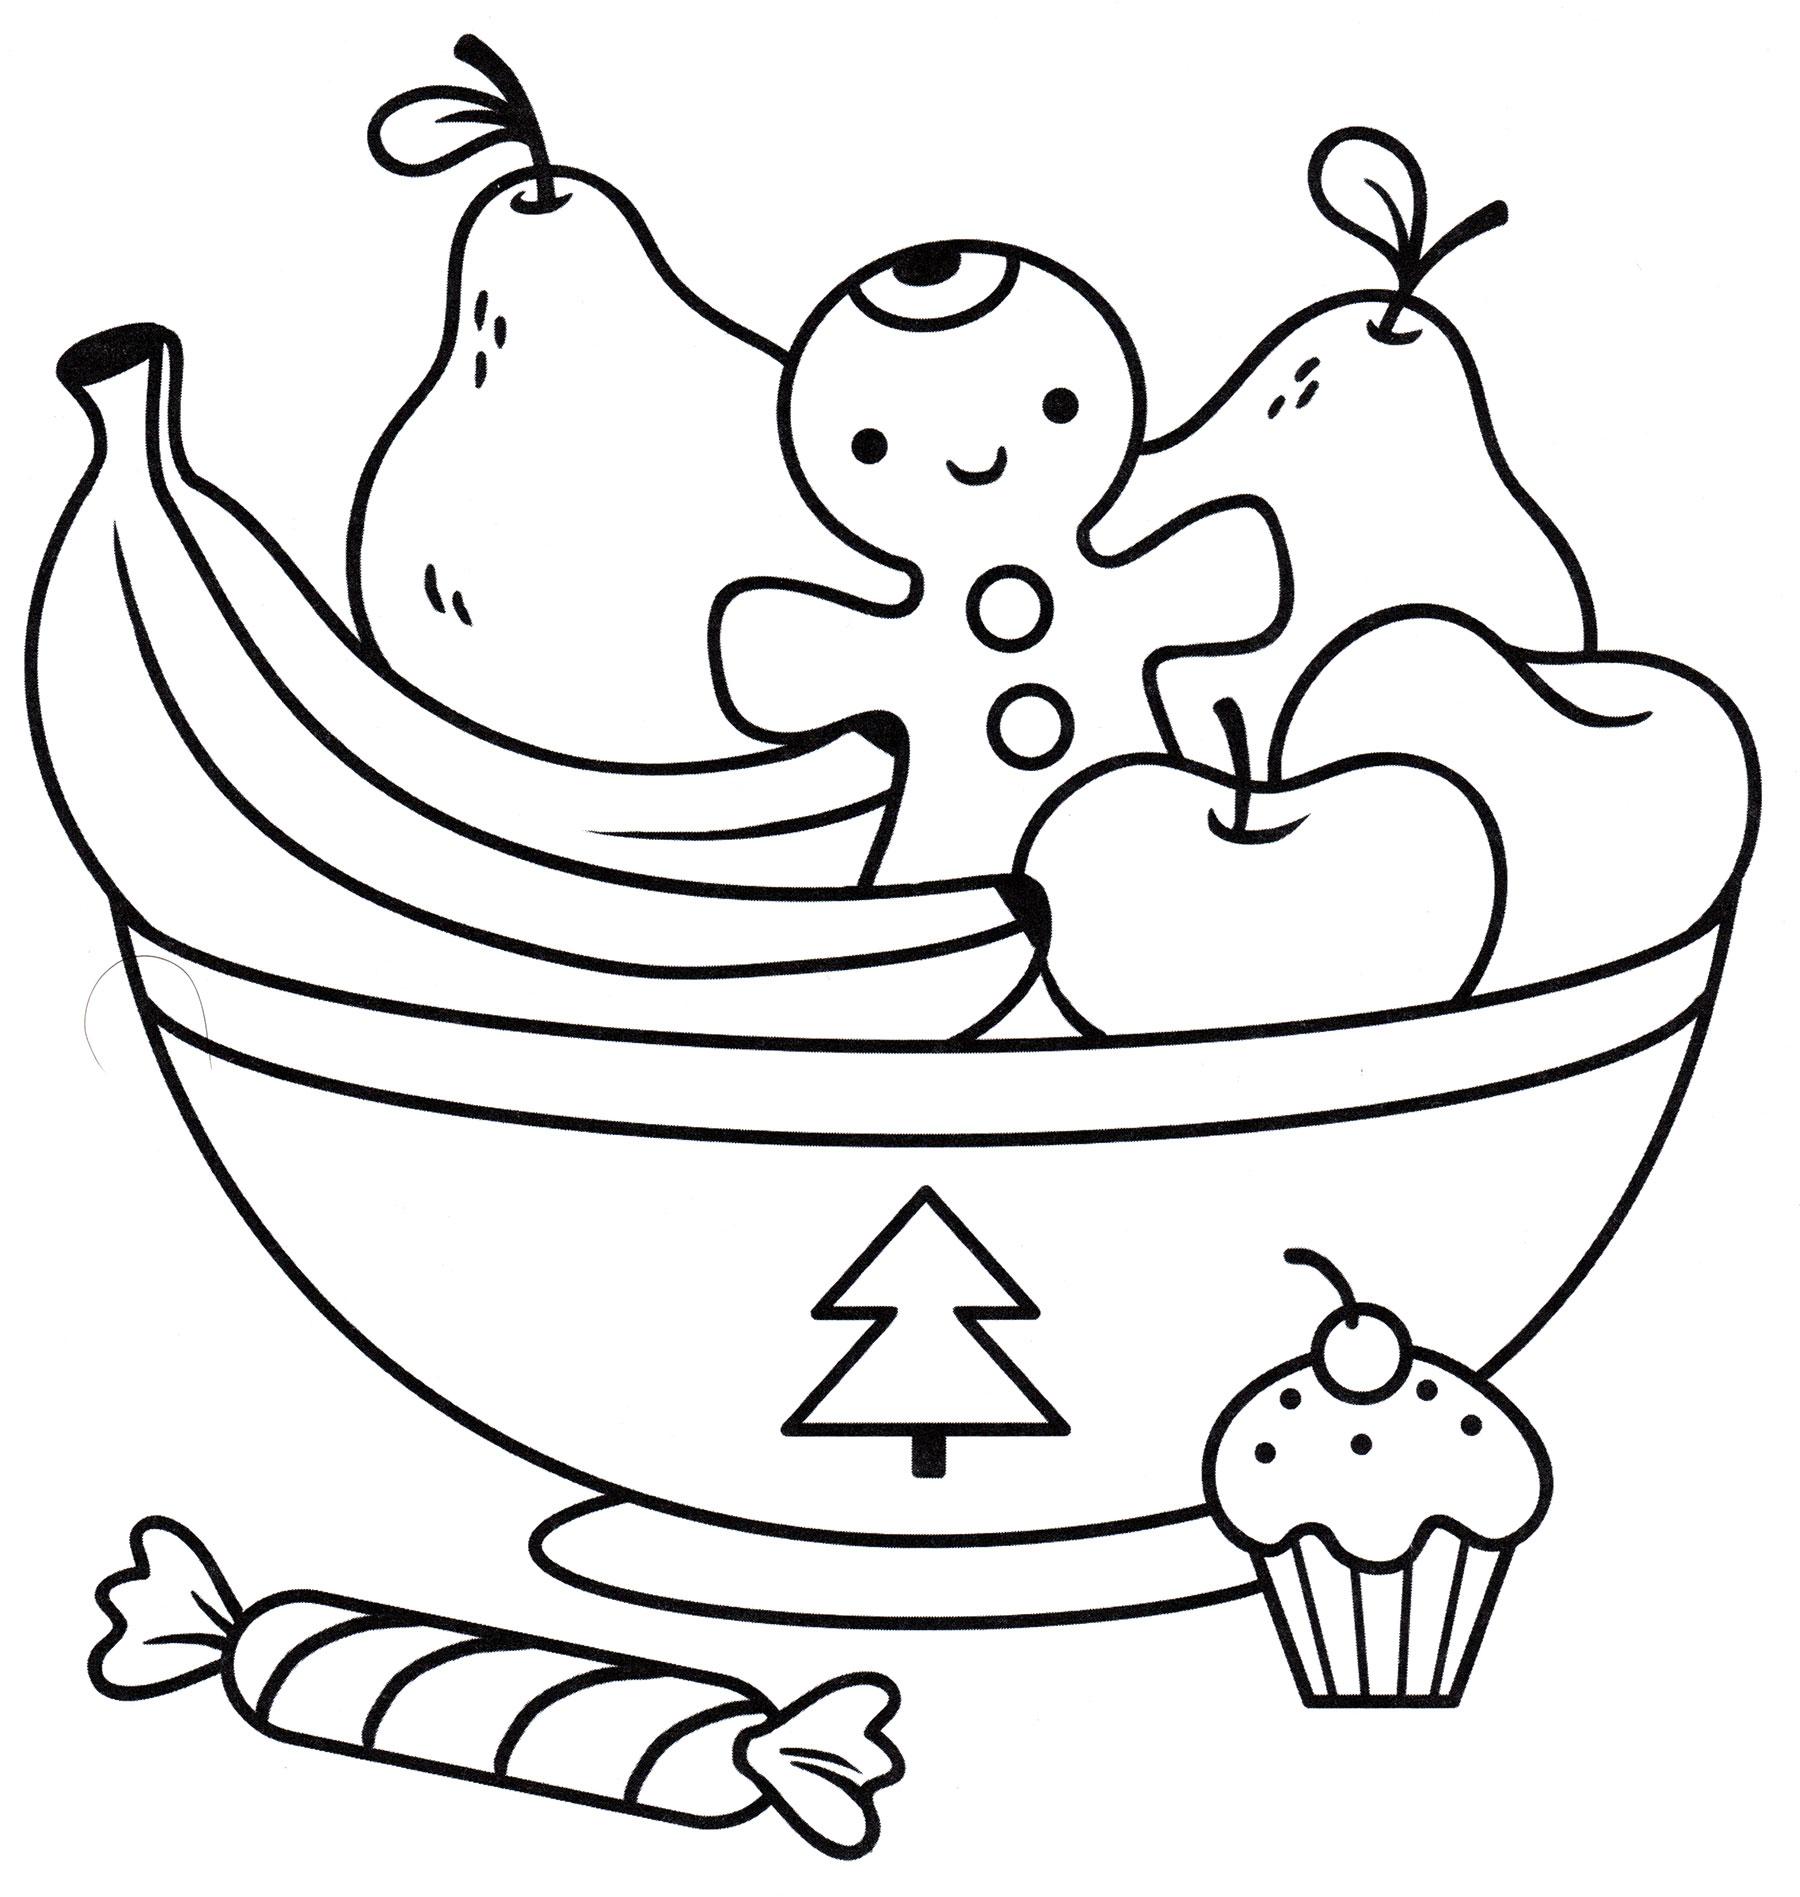 Раскраска Тарелка с фруктами - распечатать бесплатно